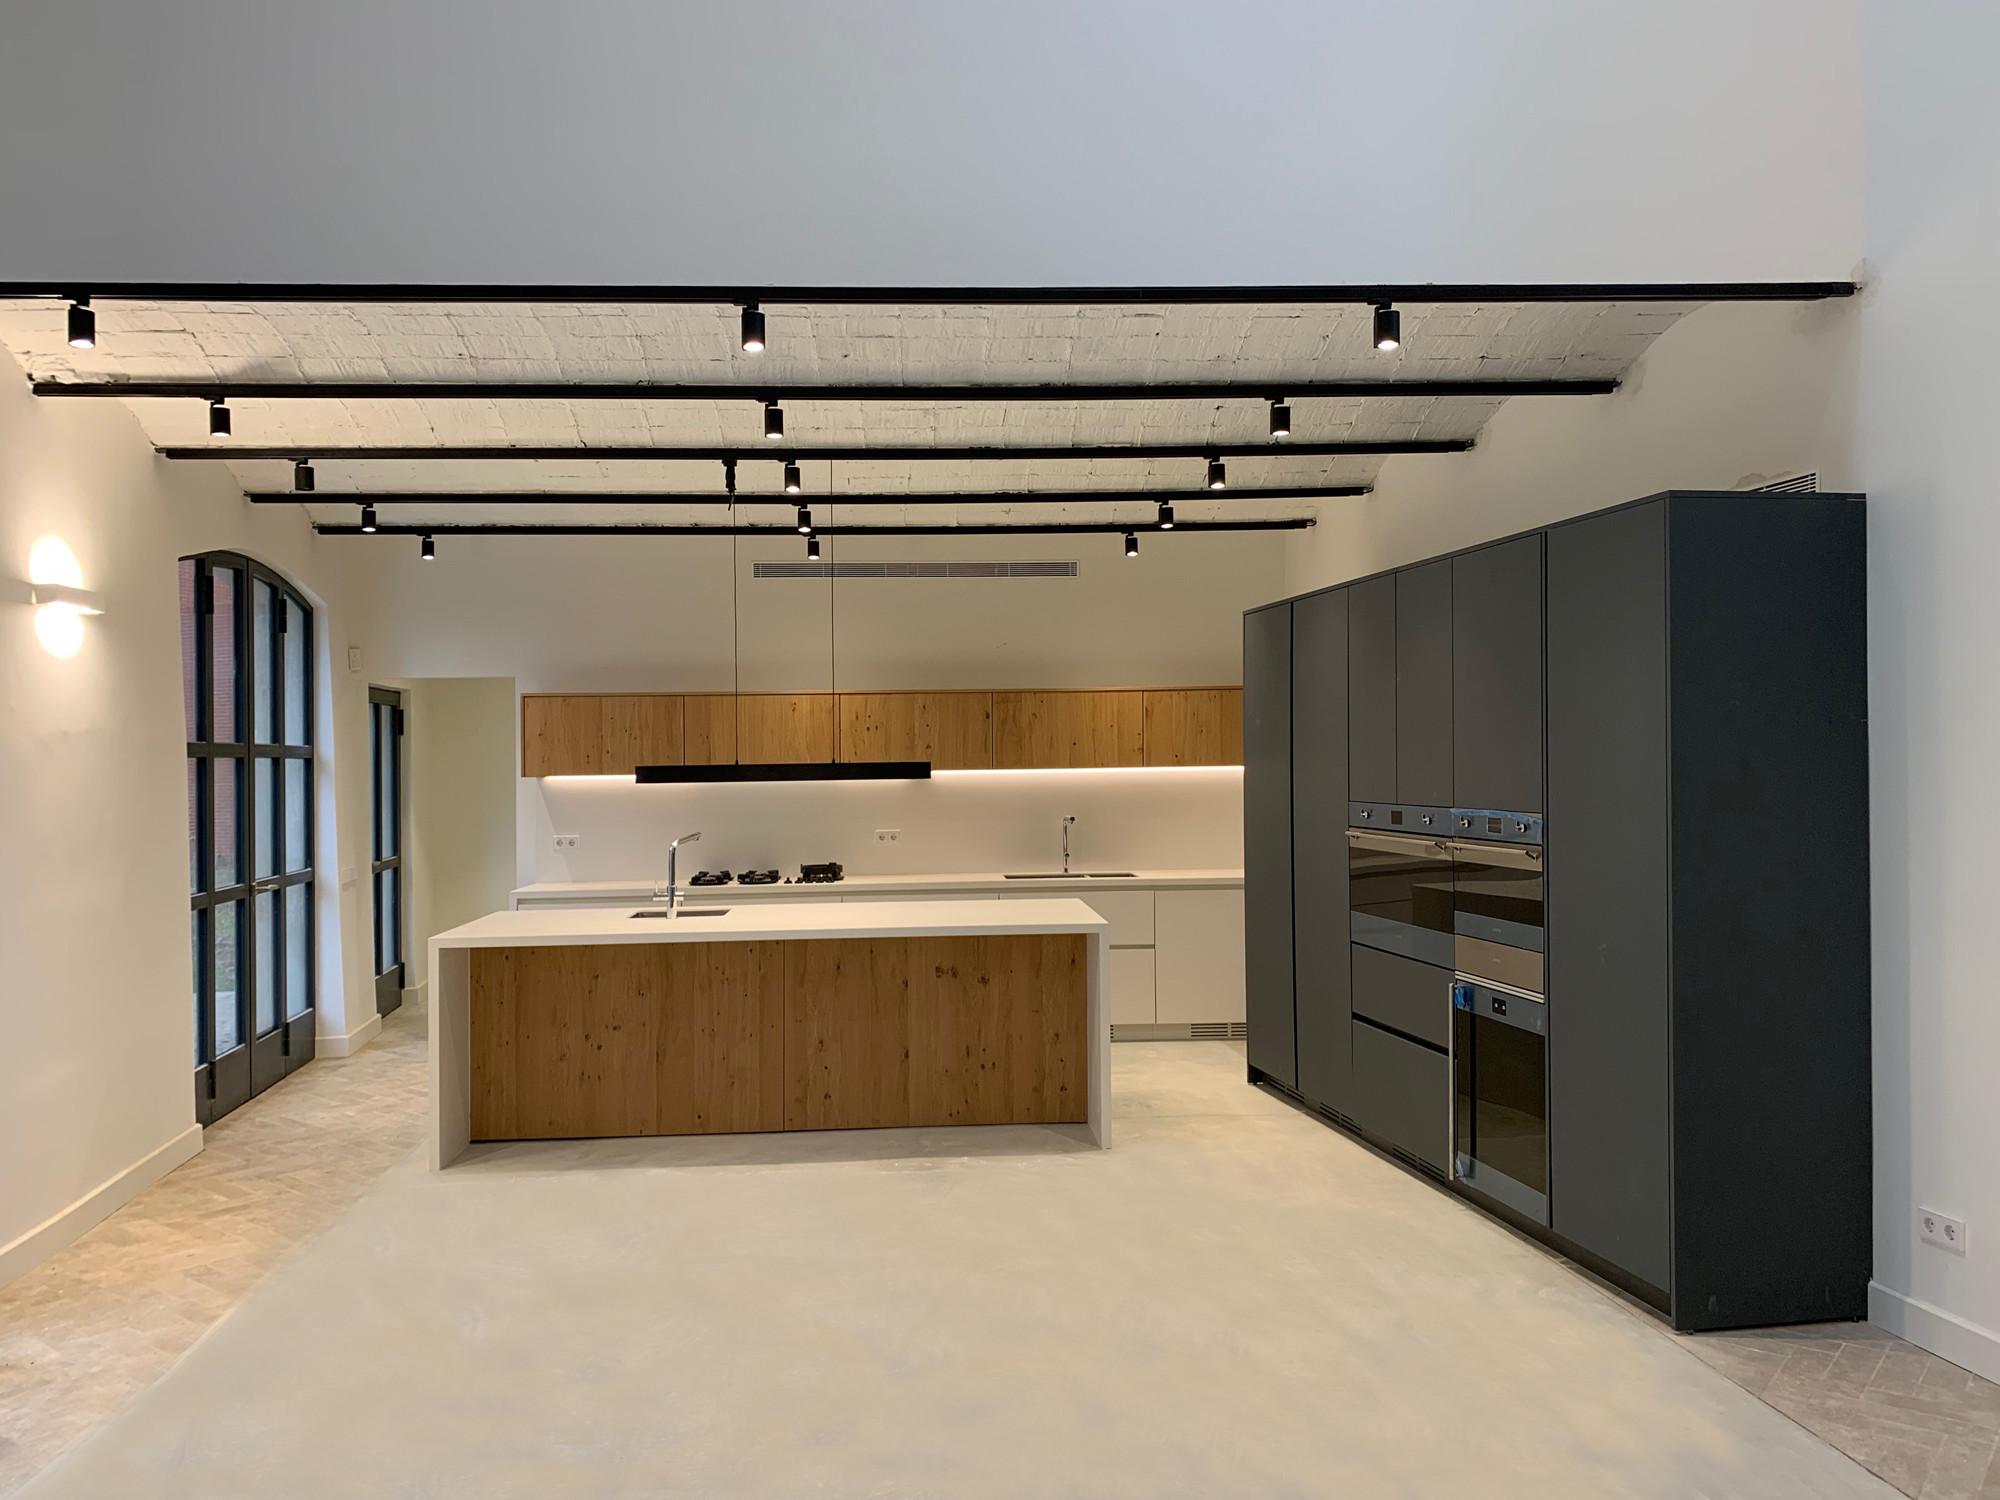 masia kitchen